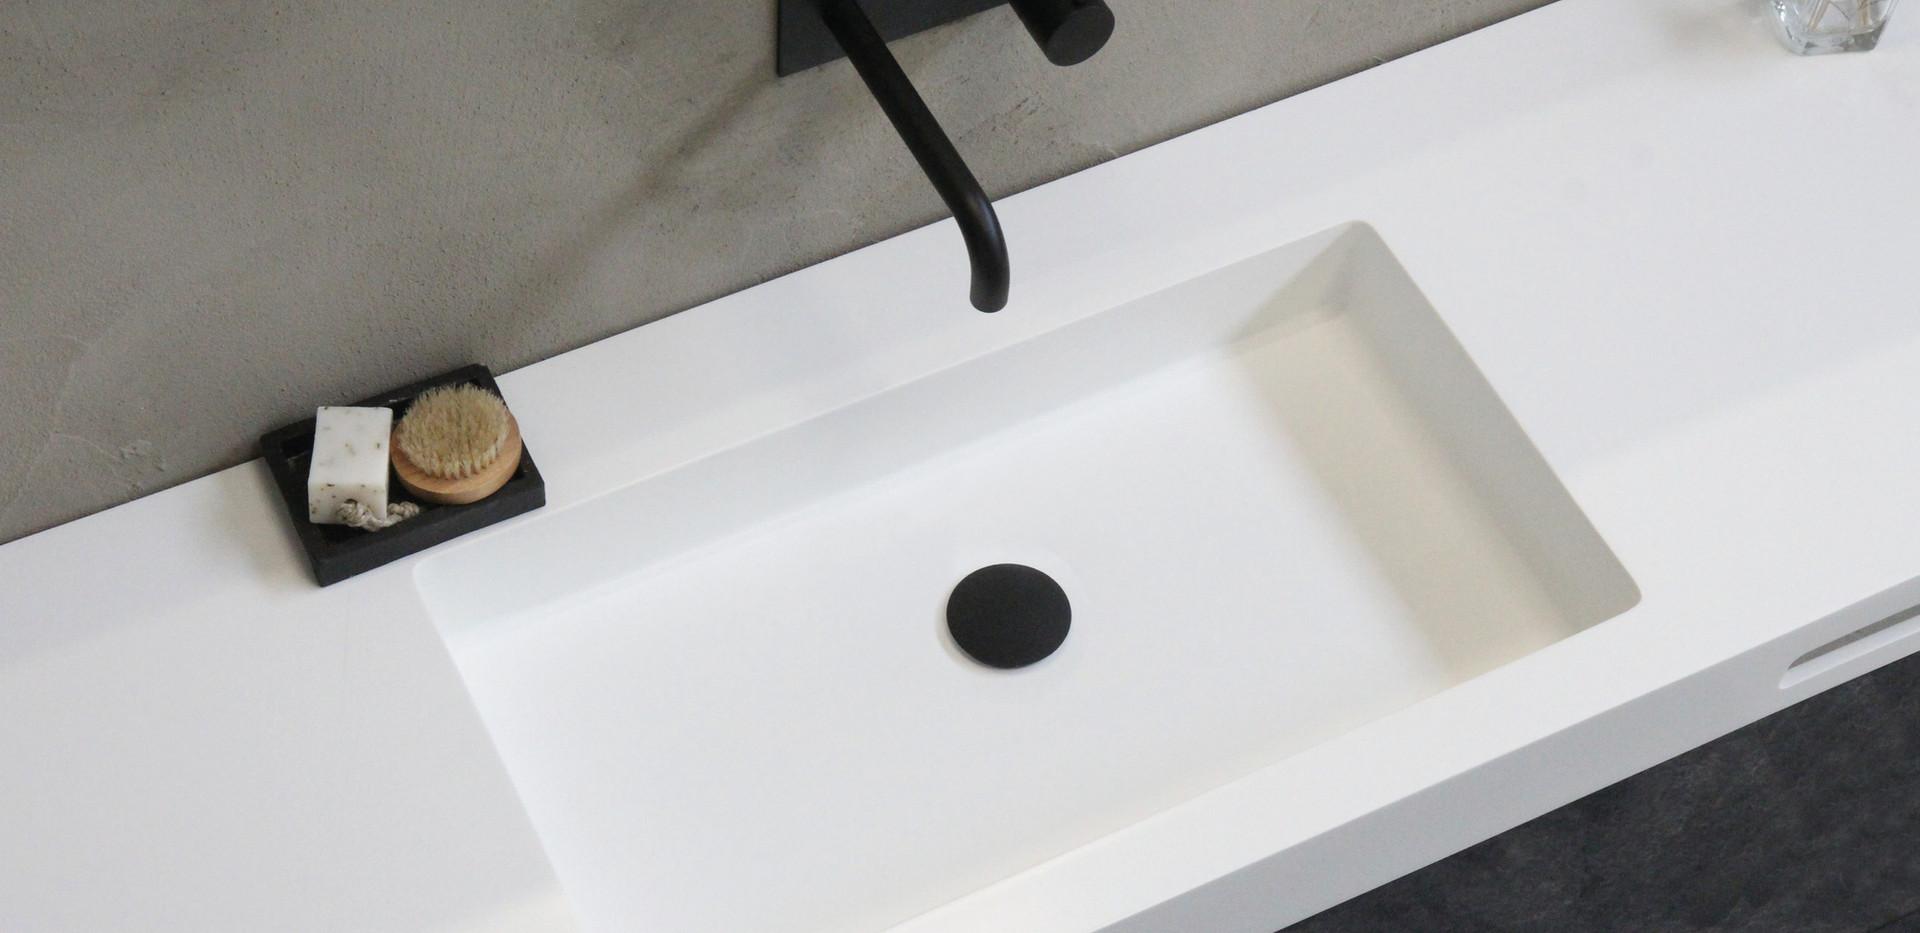 Spazio - Fritmonteret håndvask med høj kant